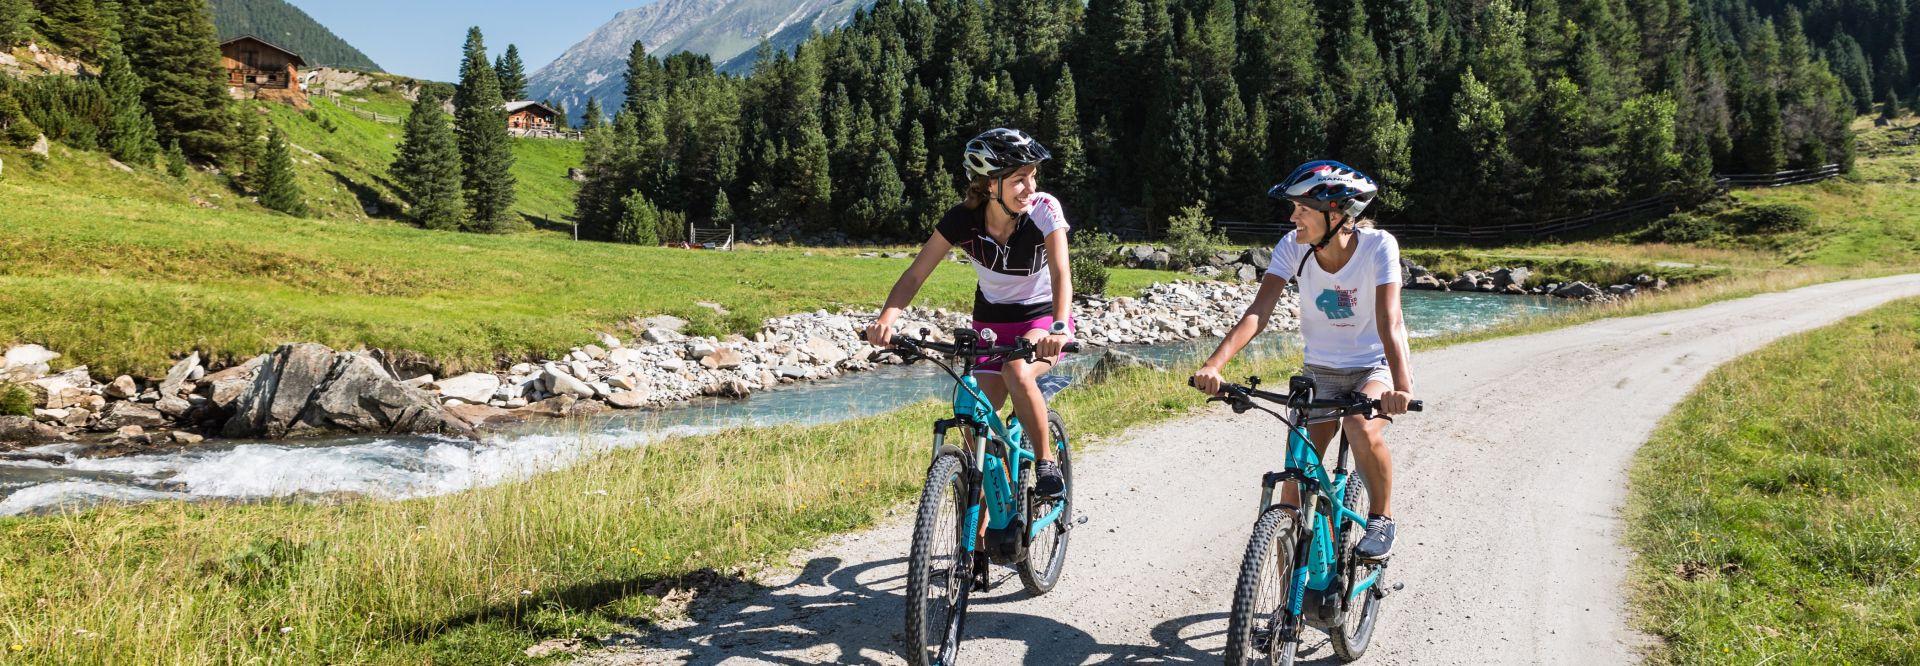 E-Biken zu zweit am Bach (Tourismusverband Krimml)